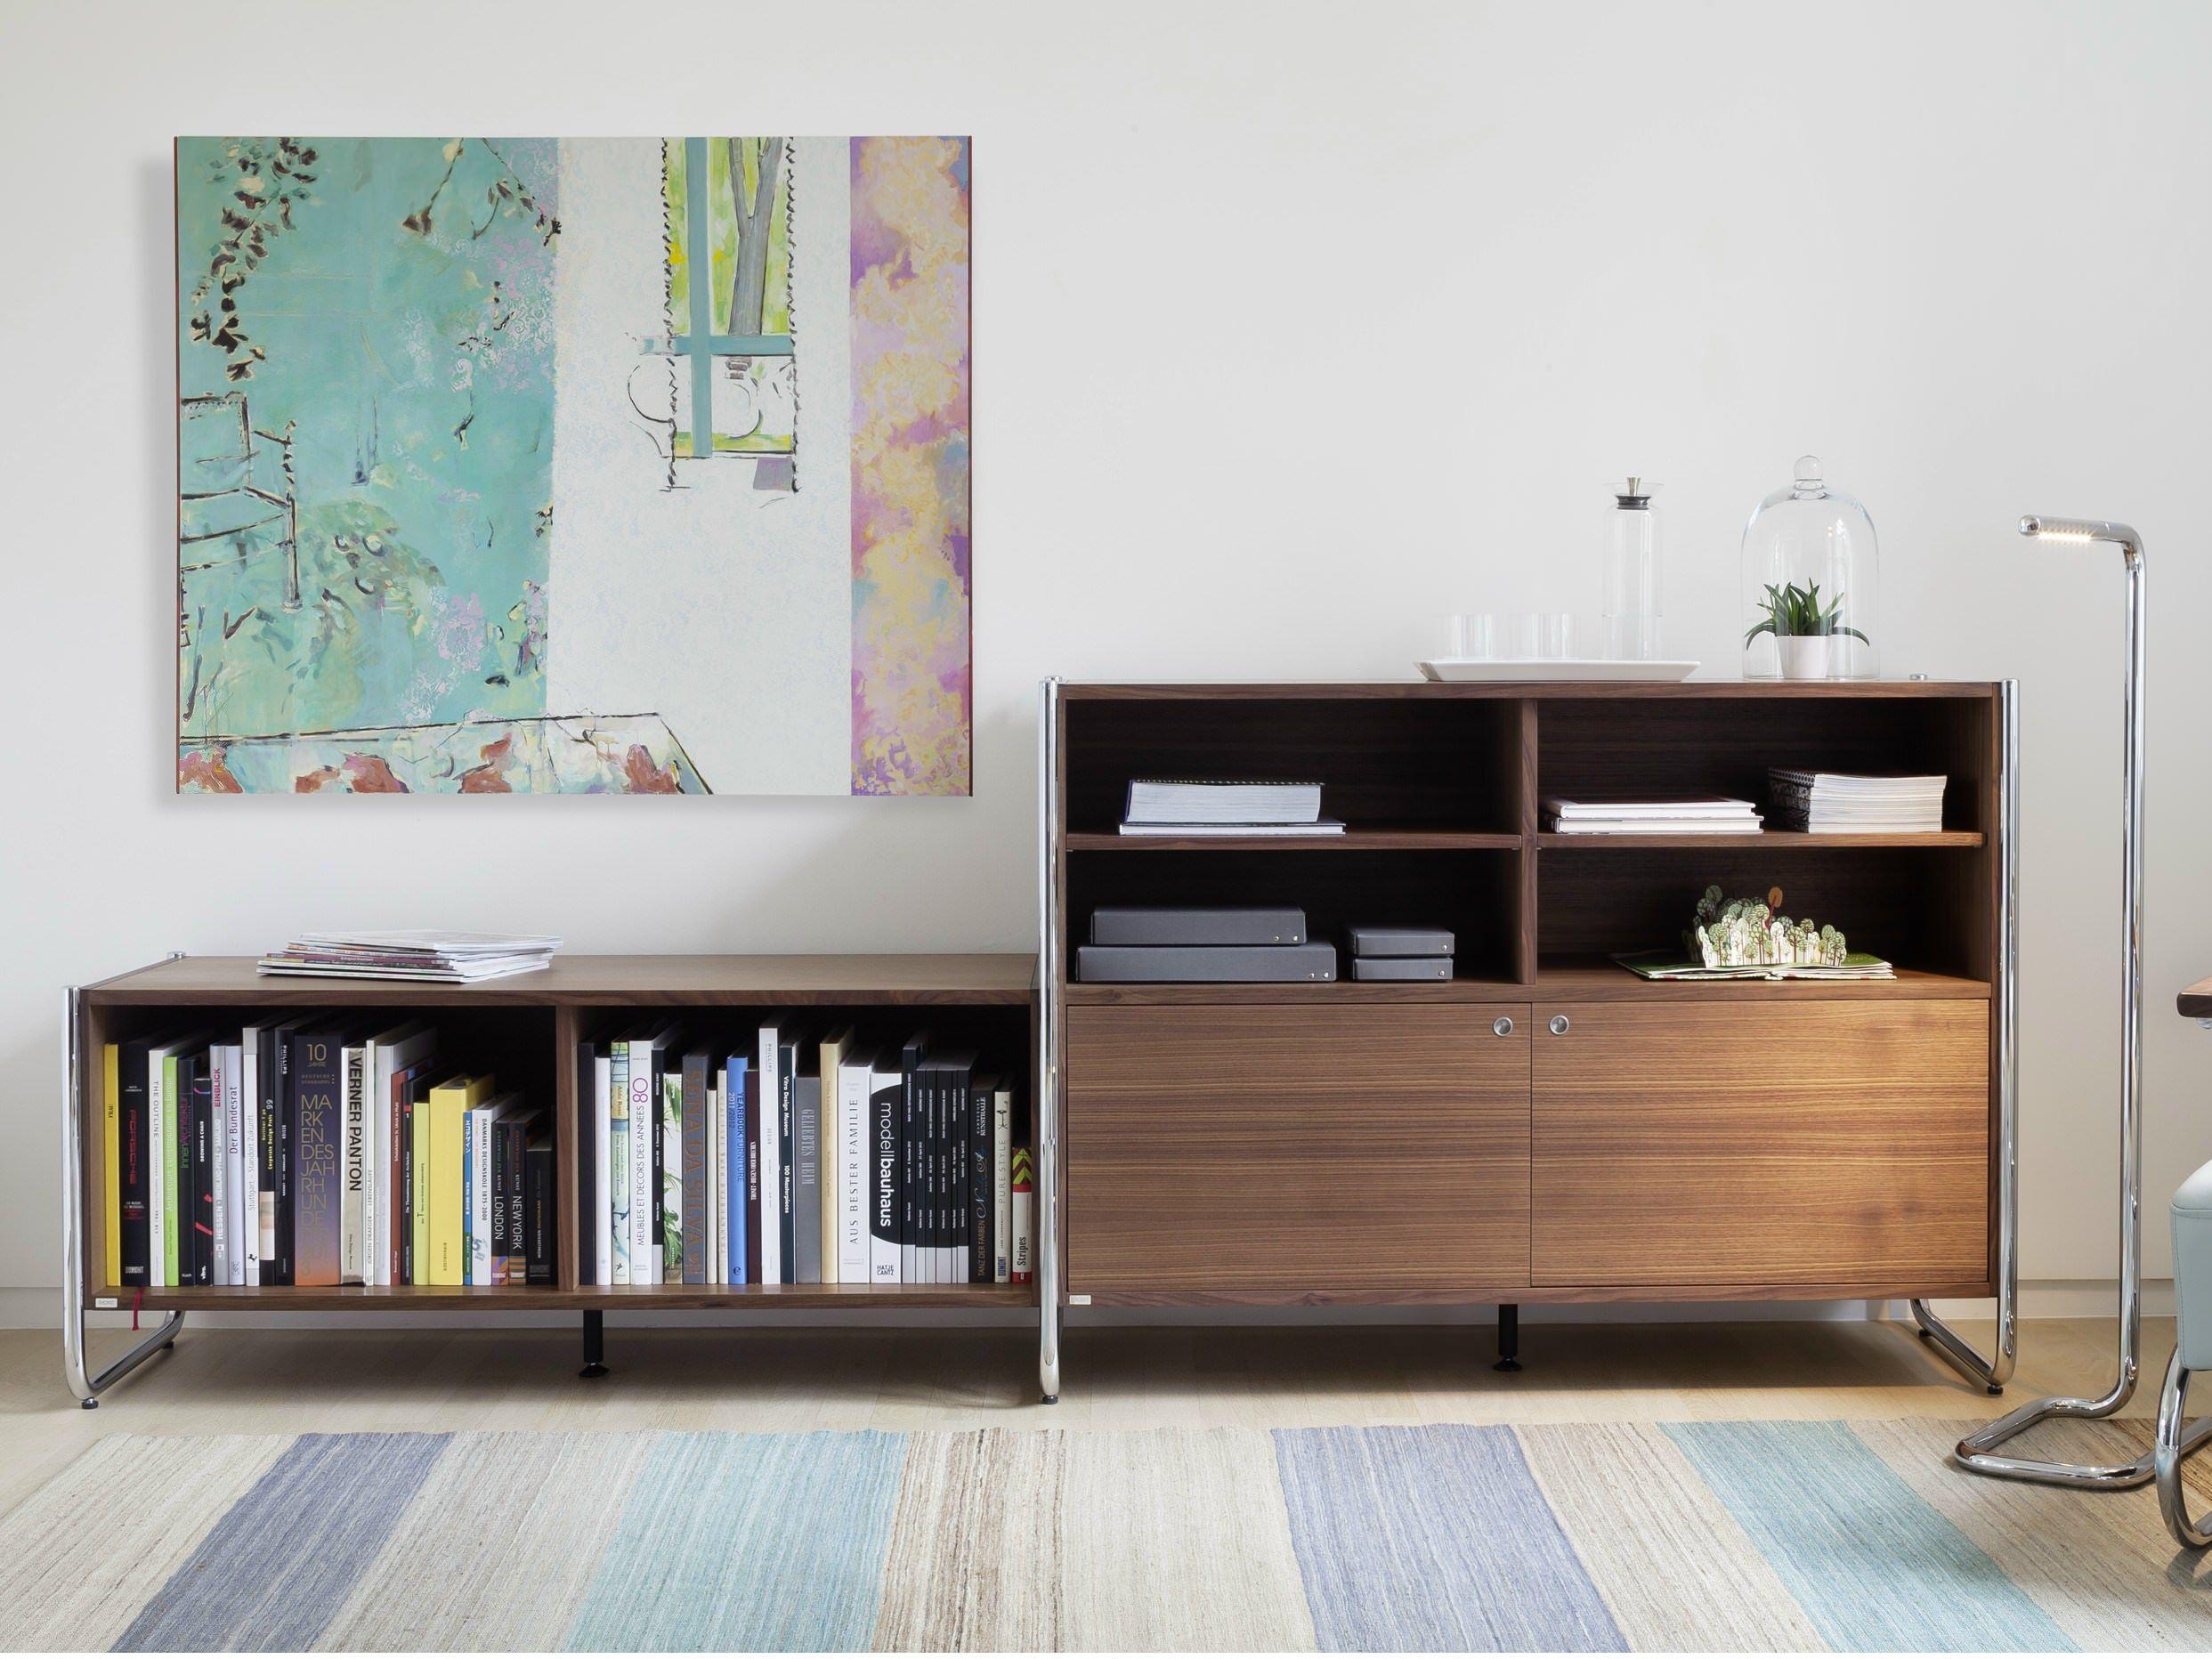 Muebles auxiliares de habitacion affordable banqueta - Comoda blanca conforama ...